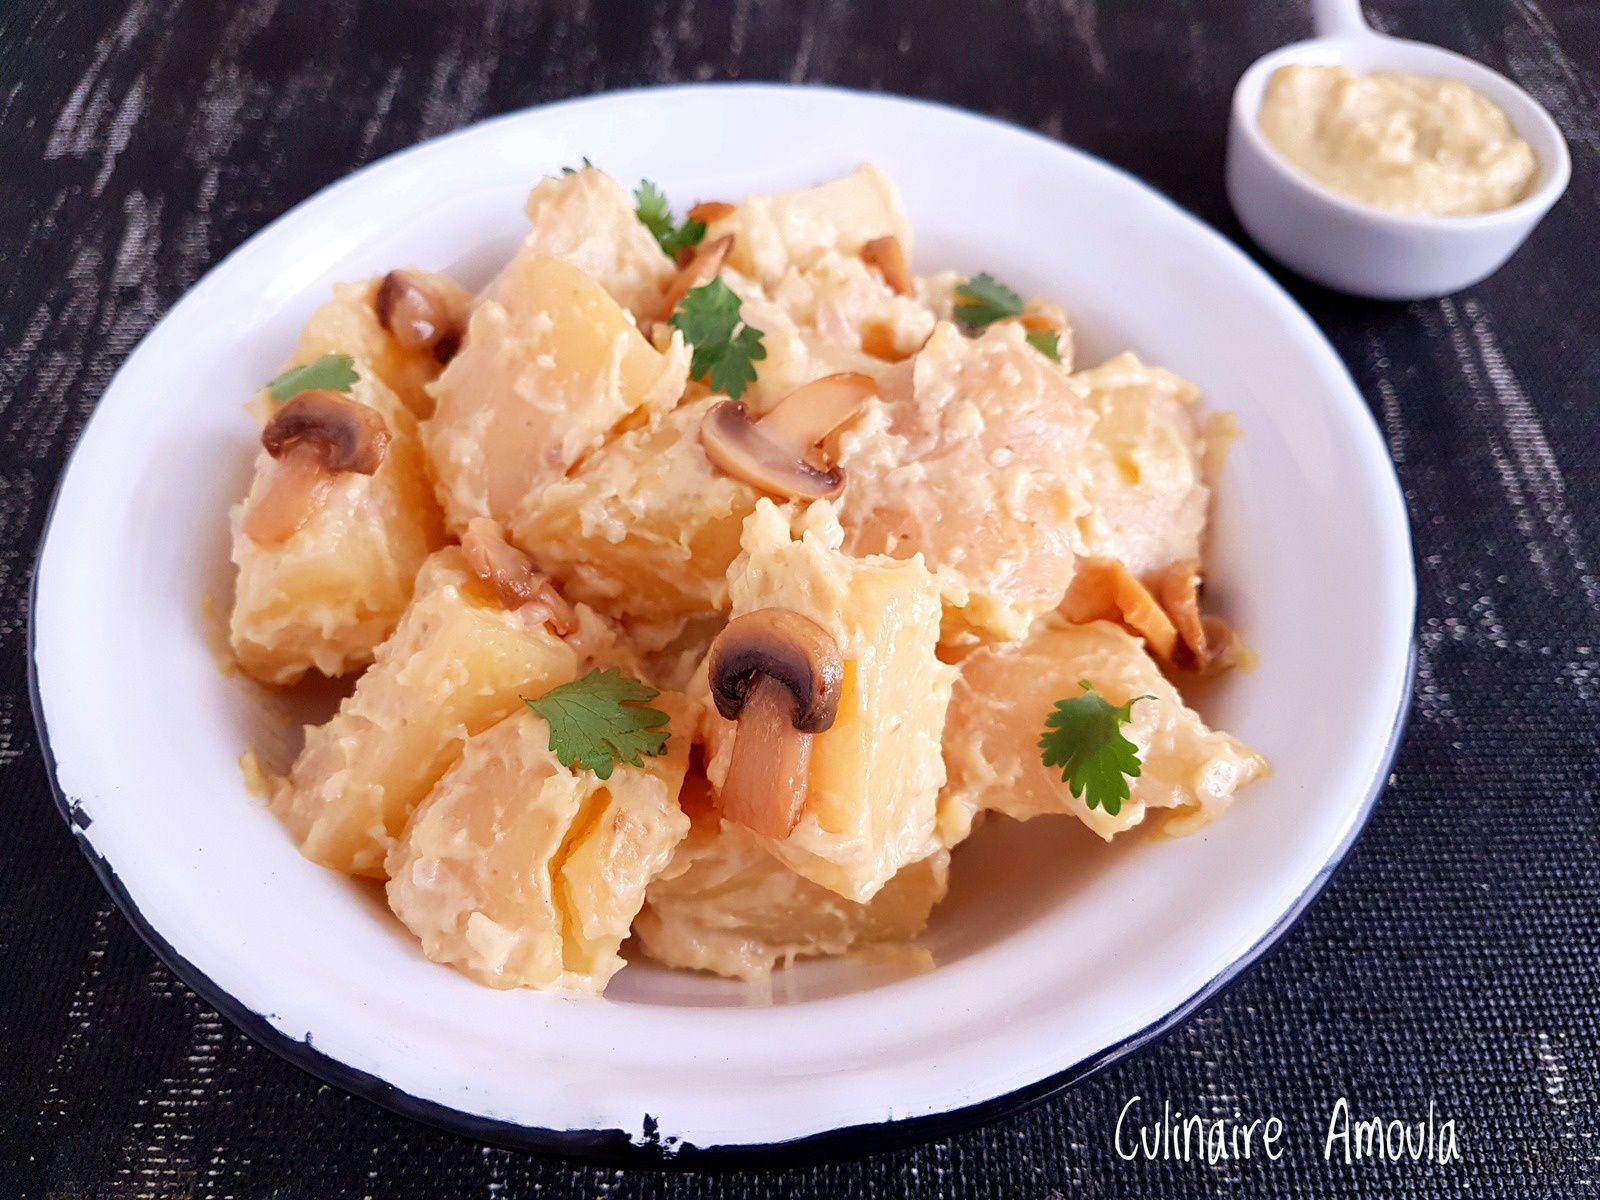 Salade de pommes de terre aux champignons de paris